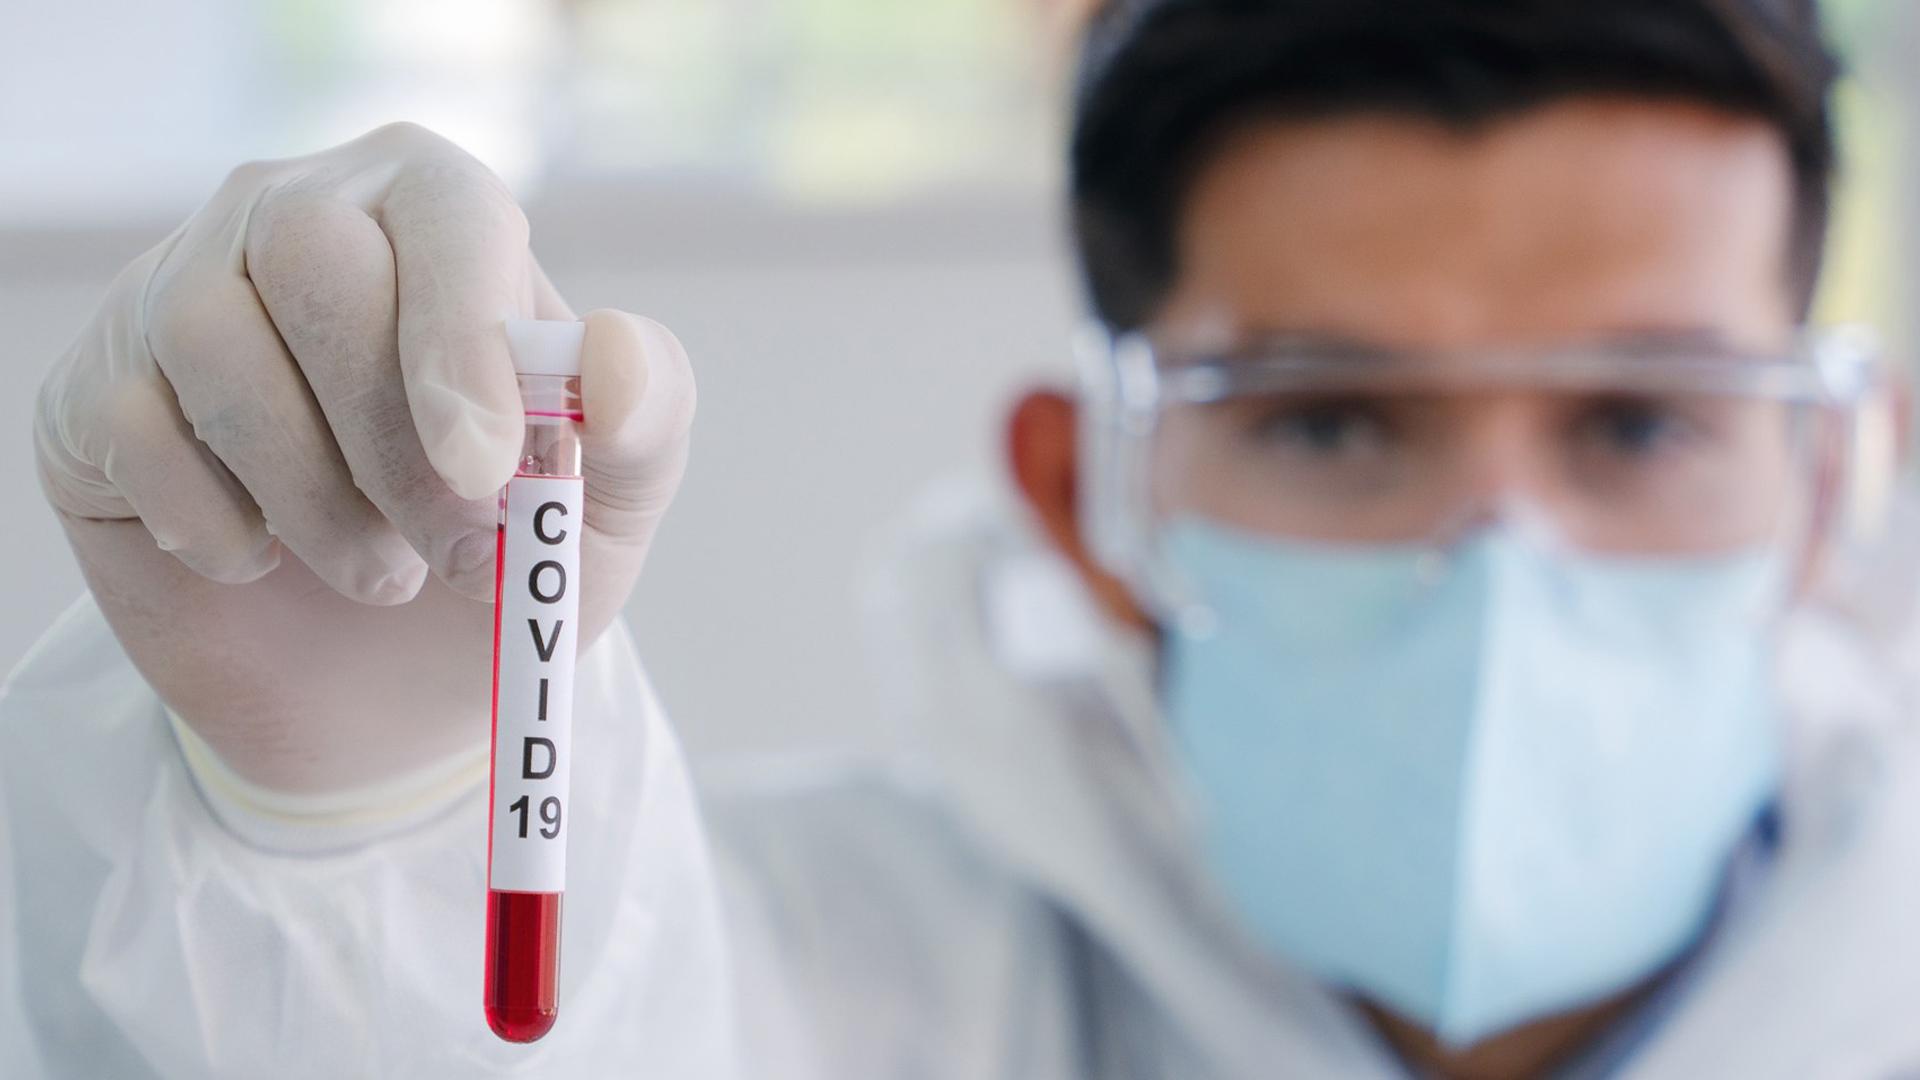 OMS: Transmisión asintomática de Covid-19 no está documentada